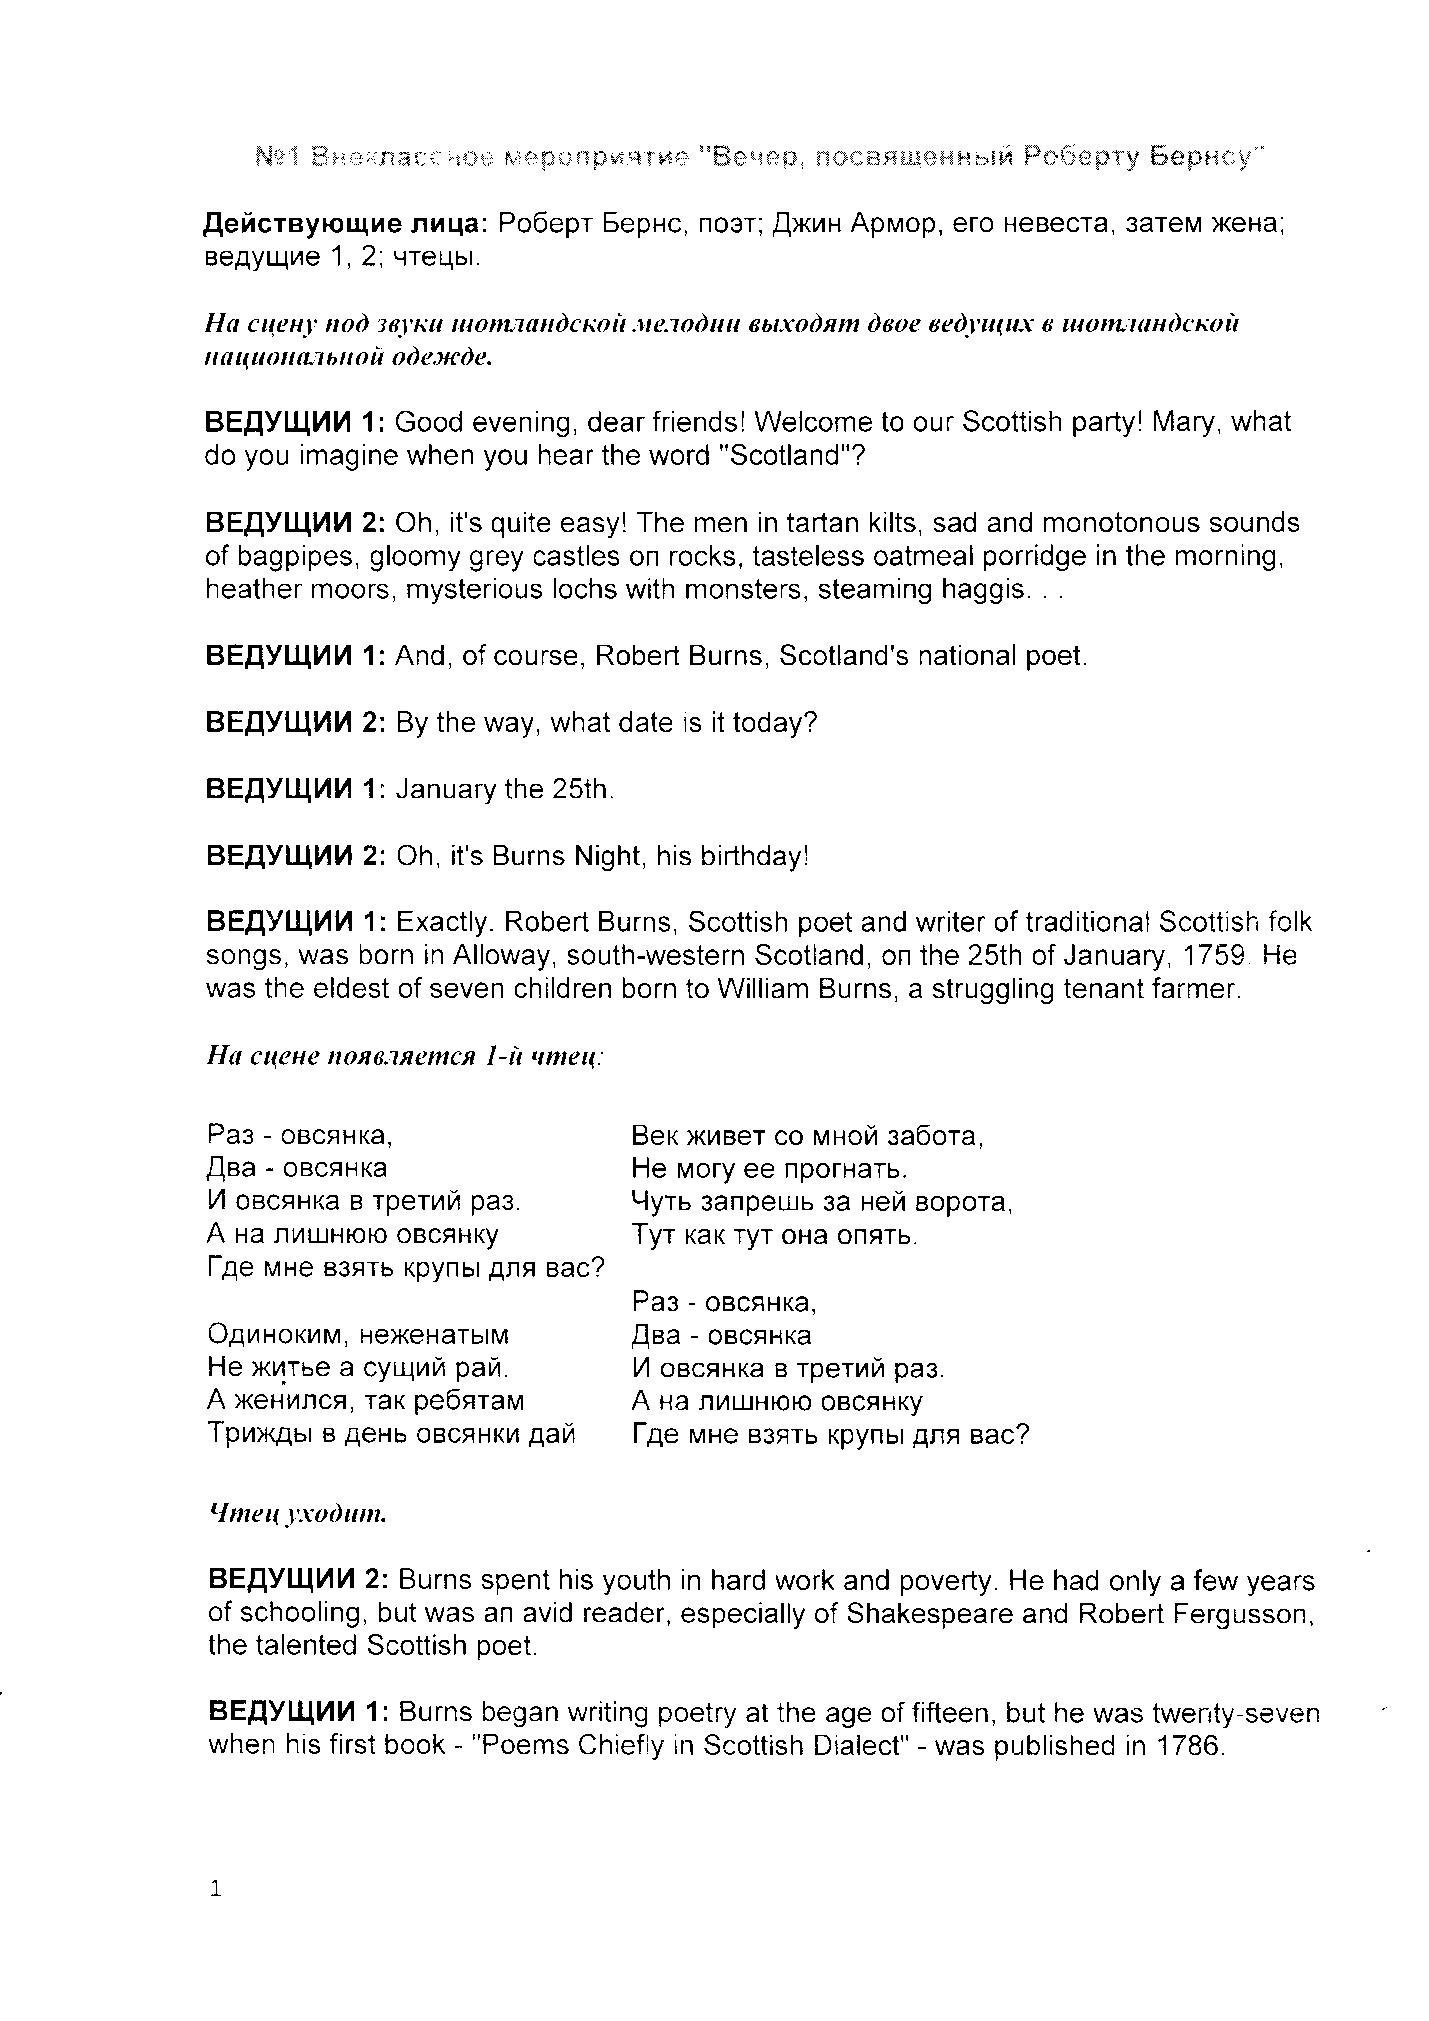 C:\Users\teacher\Pictures\2016-01-22\Внеклассное мероприятие Ночь Роберта Бернса\Сканировать2.TIF